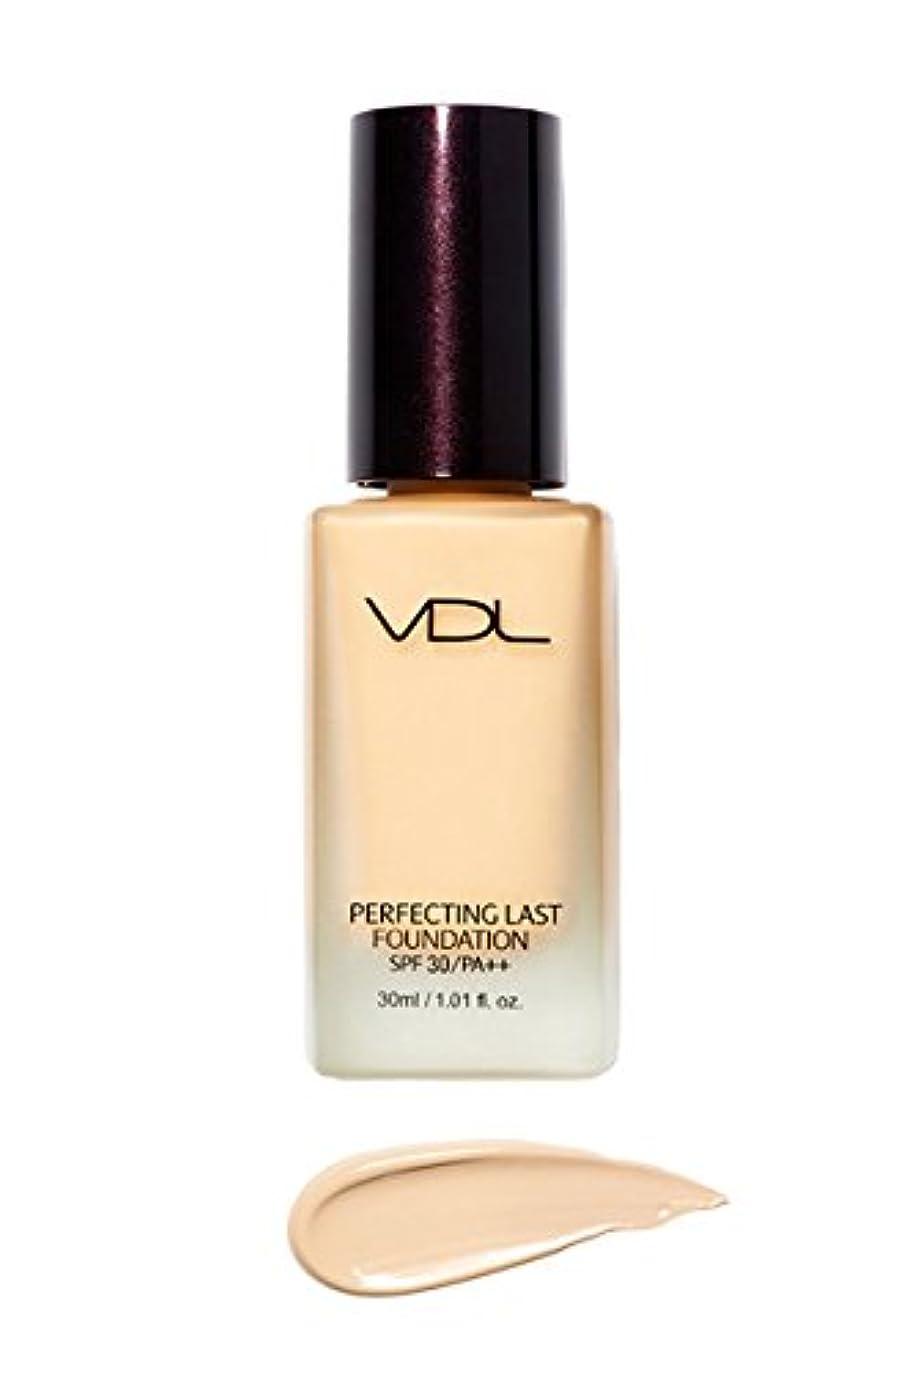 無視する更新する木VDL ブイディーエル パーフェクティング?ラスト?ファンデーション SPF30 PA++ 30ml 3類 (Perfecting Last Foundation) 海外直送品 (V02-Vanilla Base-)